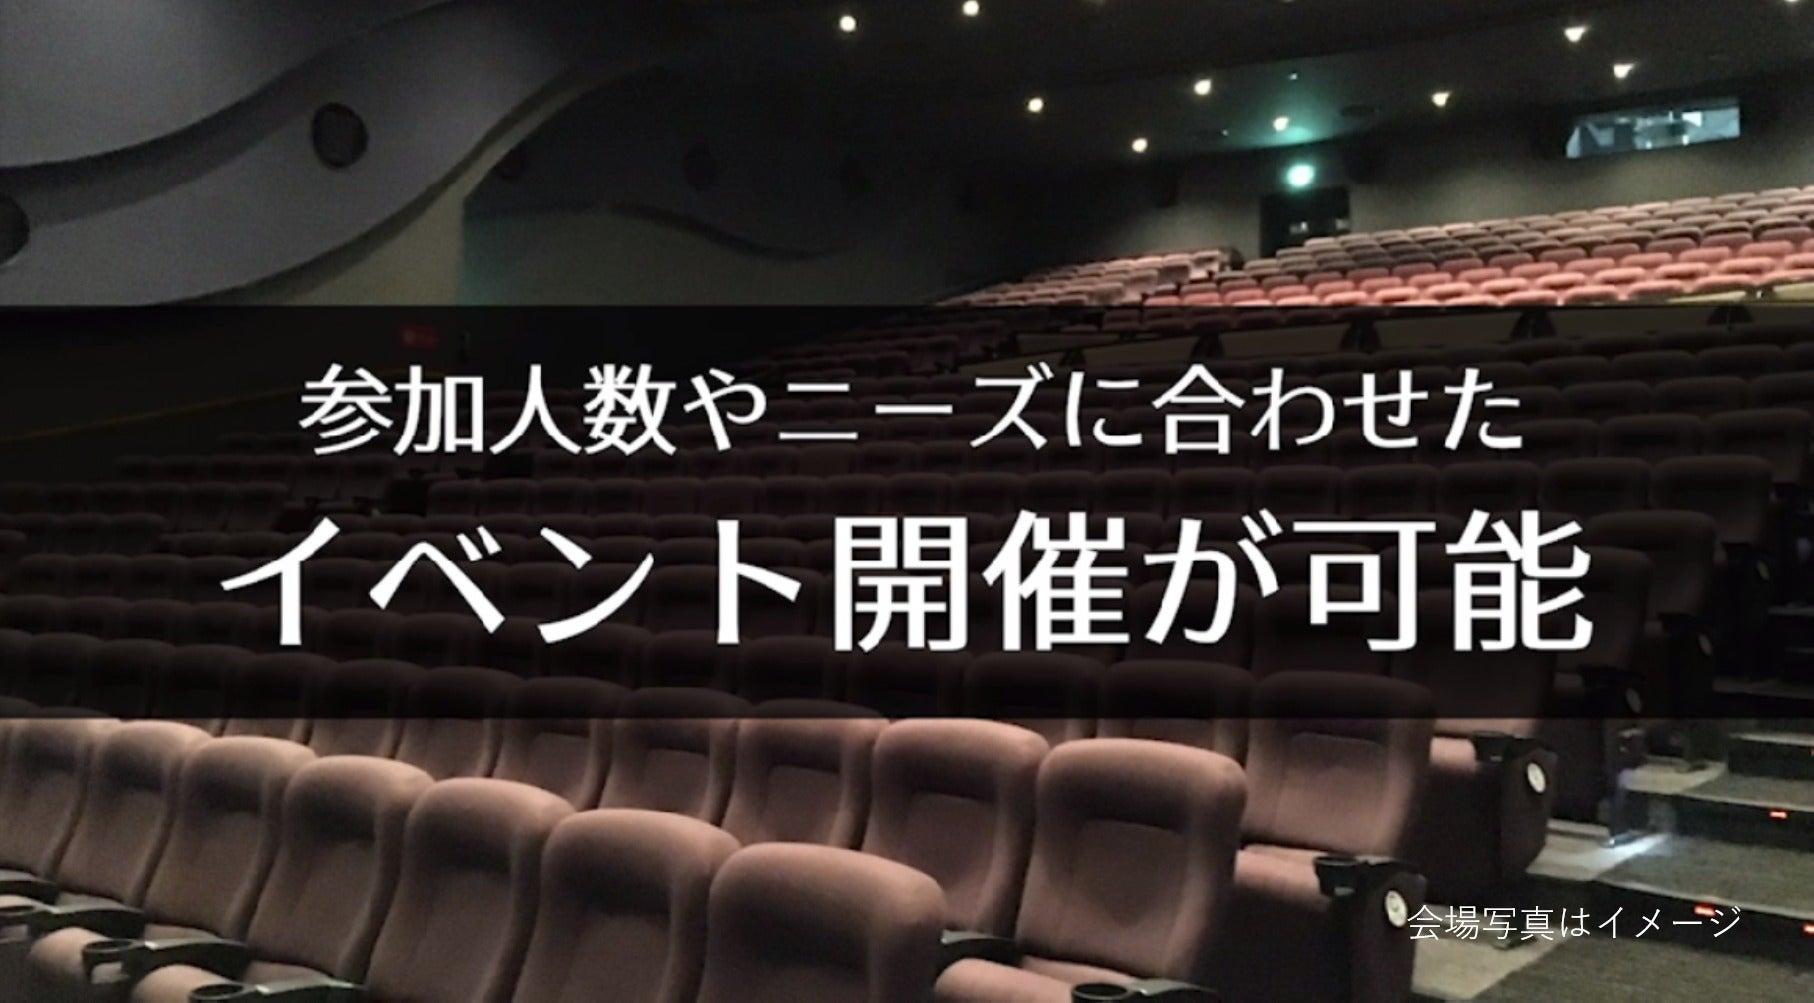 【新潟 309席】映画館で、会社説明会、株主総会、講演会の企画はいかがですか?(ユナイテッド・シネマ新潟) の写真0